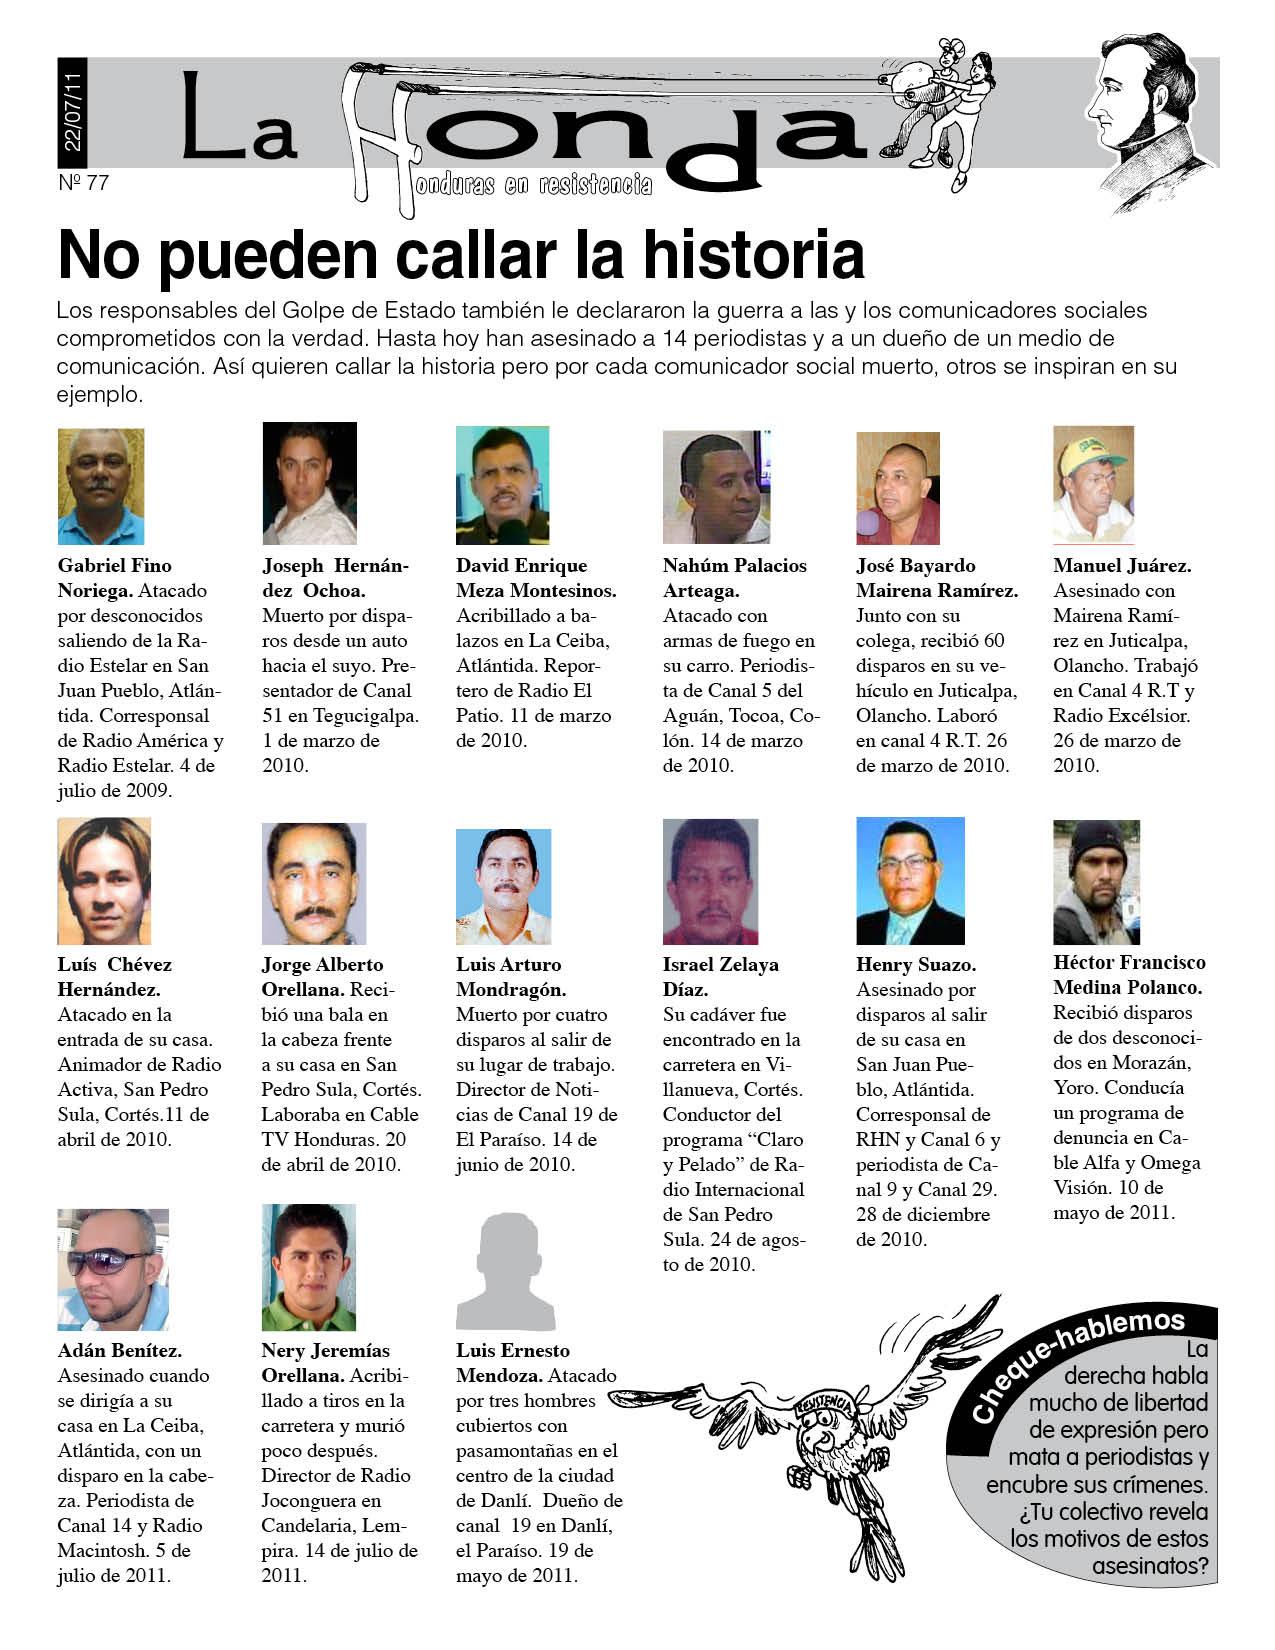 La Honda 77: No pueden callar la historia